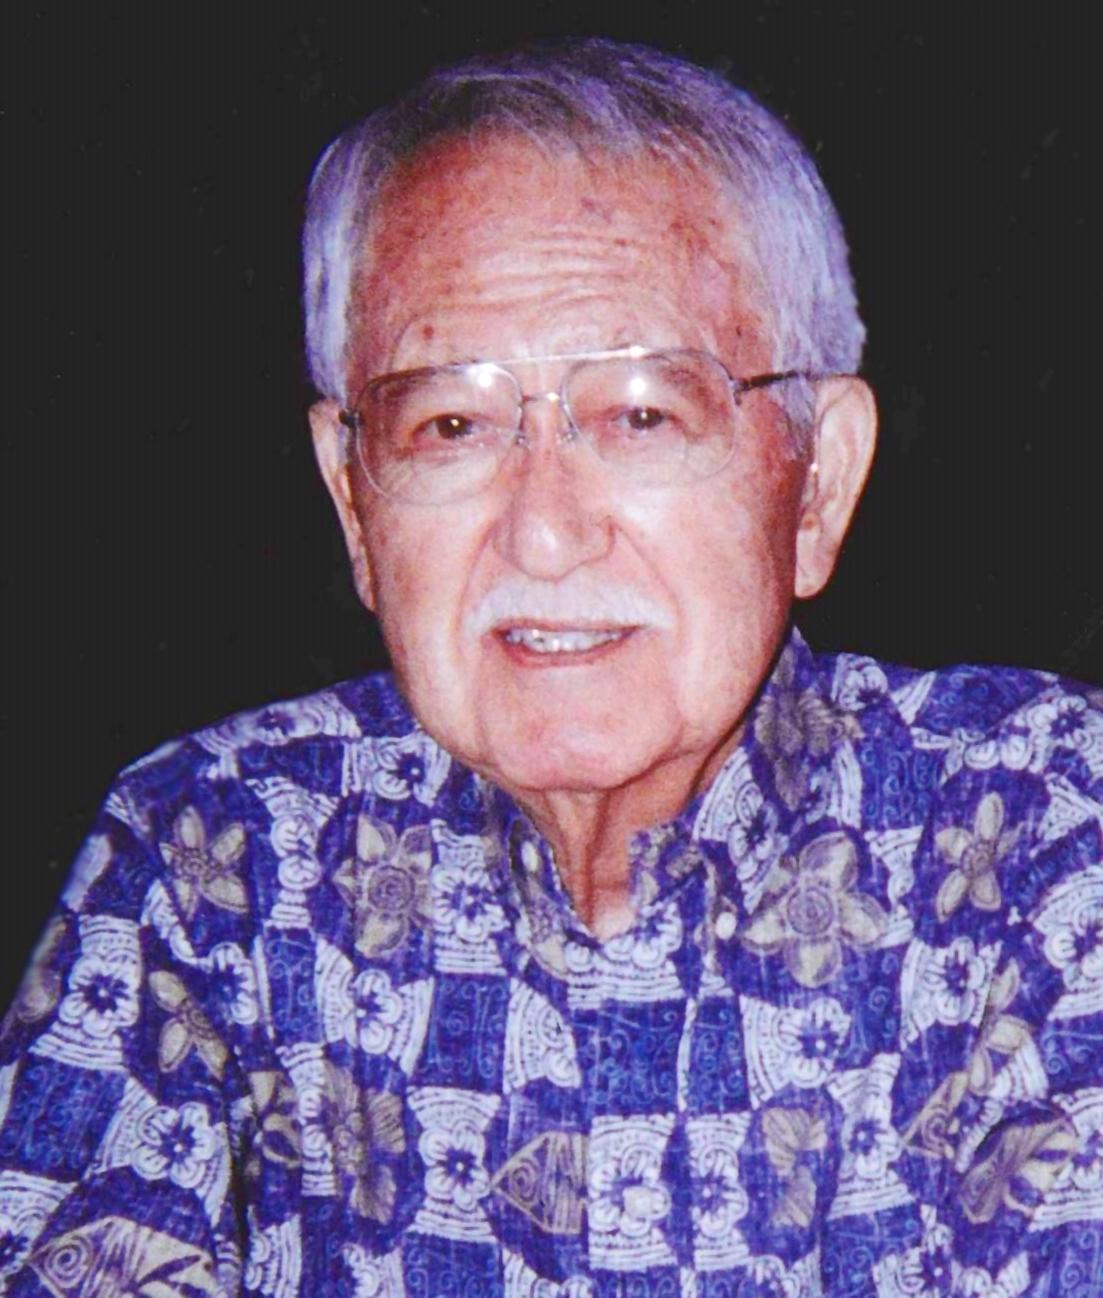 Richard K. Nozoe